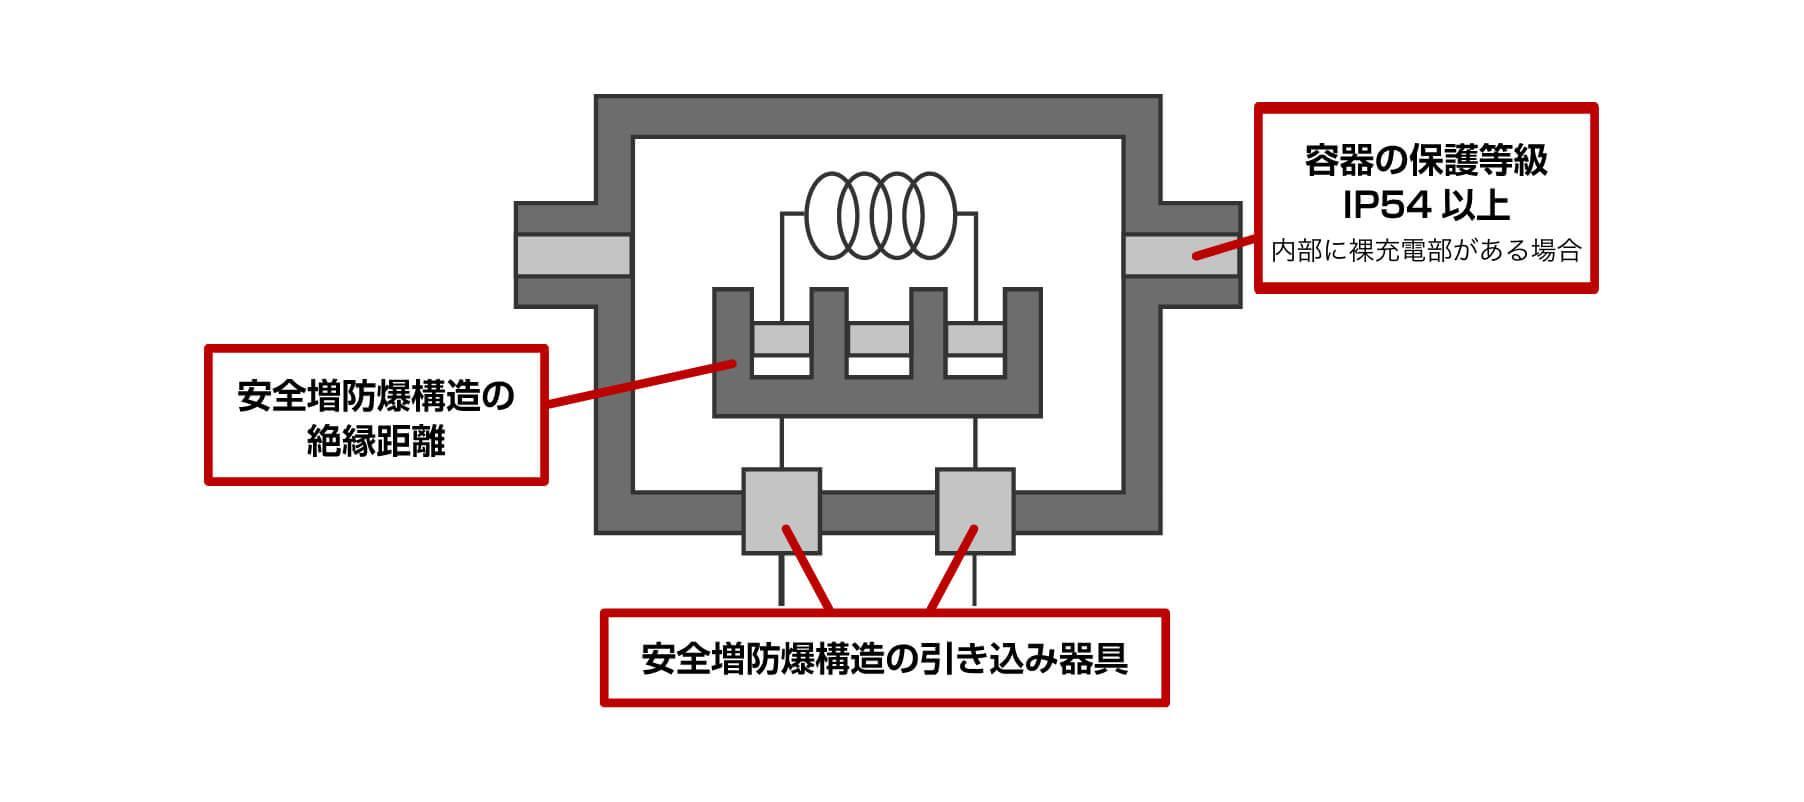 安全増防爆構造の仕組みの図